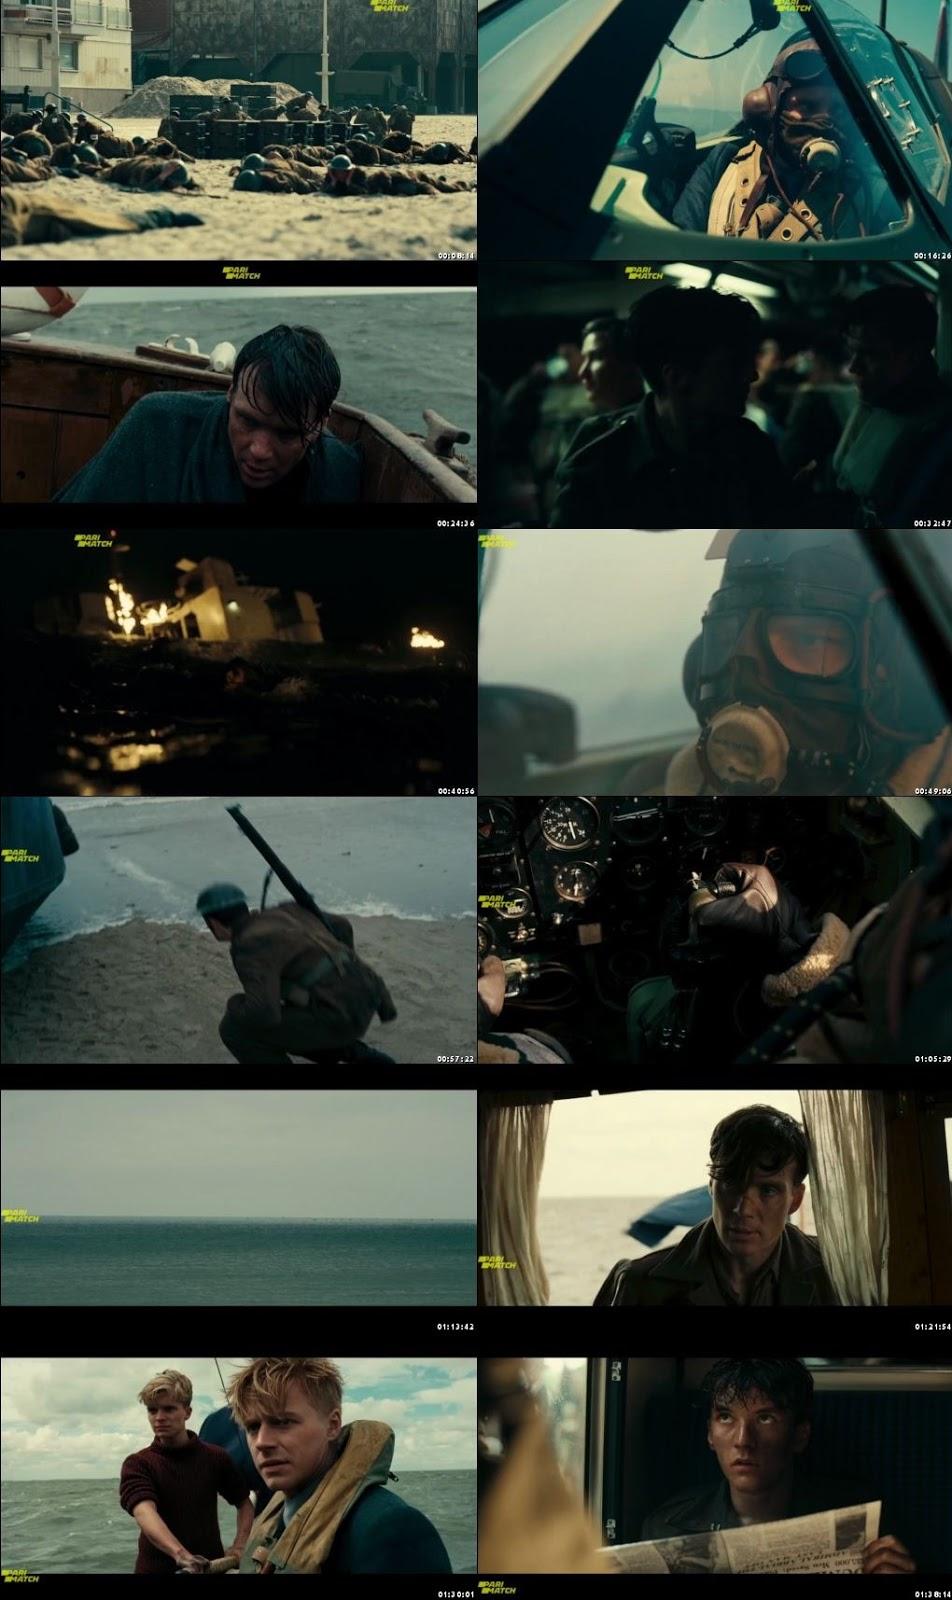 Dunkirk 2017 Full Movie Online Watch